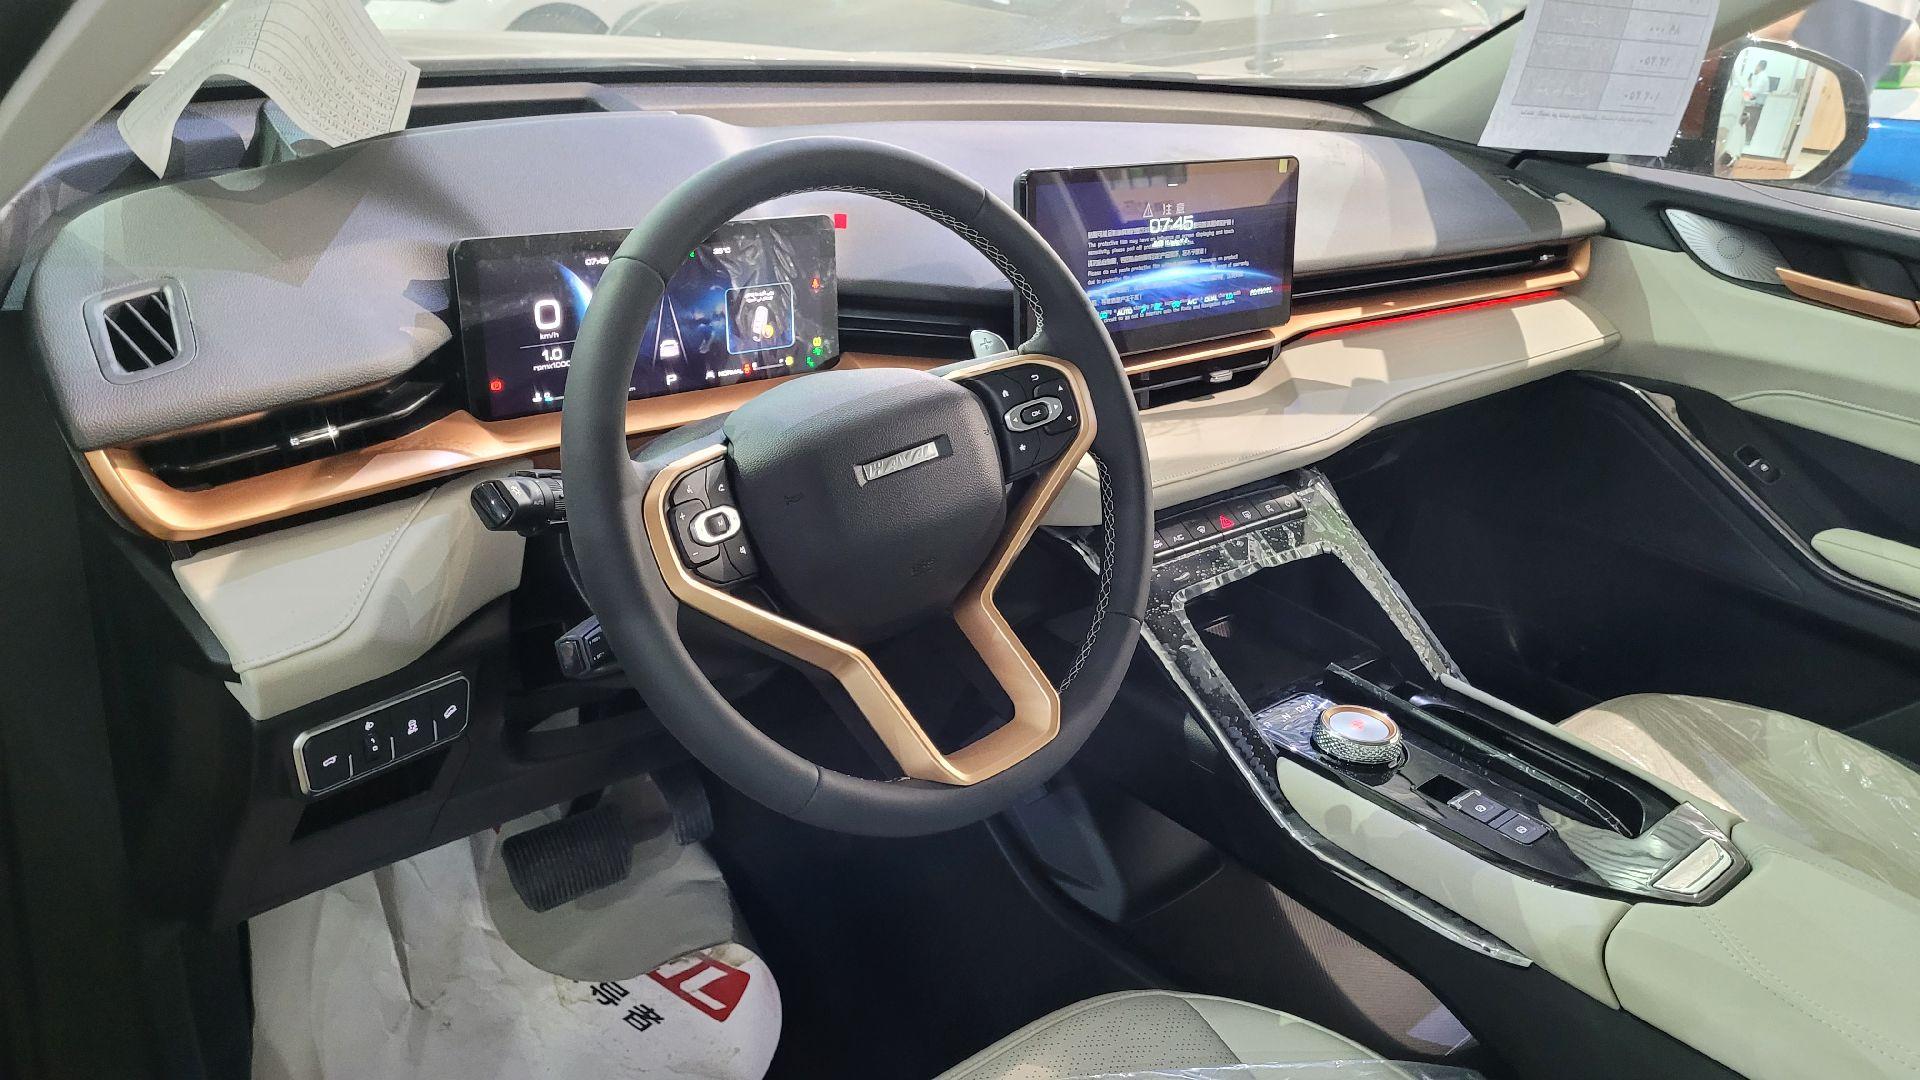 مباع - هافال H6 الشكل الجديد Premium 2022 فل سعودي للبيع في الرياض - السعودية - صورة كبيرة - 15